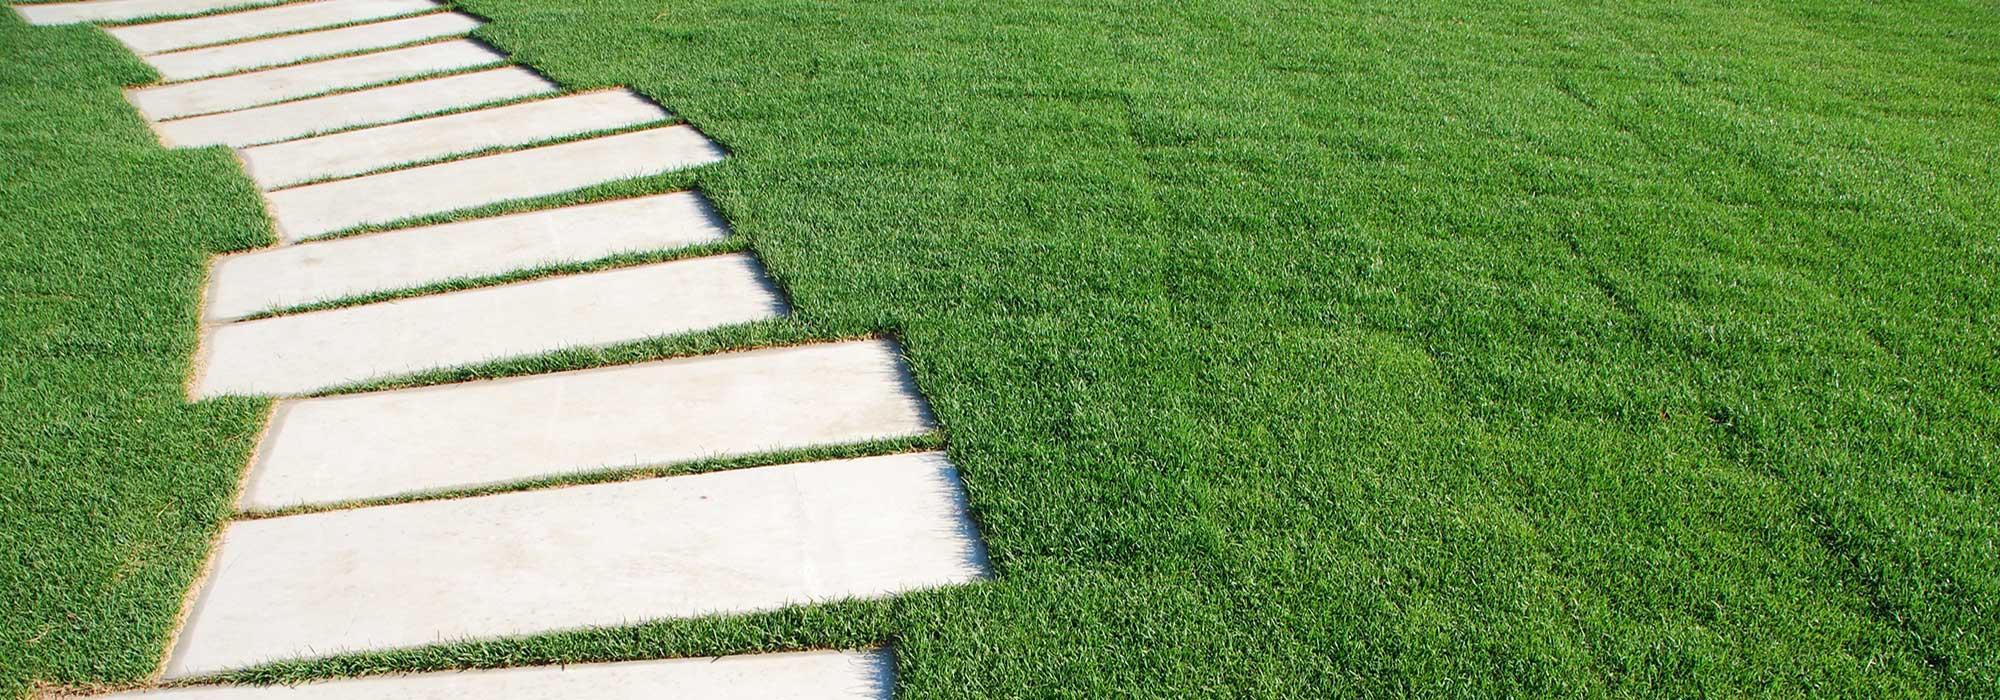 Image Result For Clover Lawns